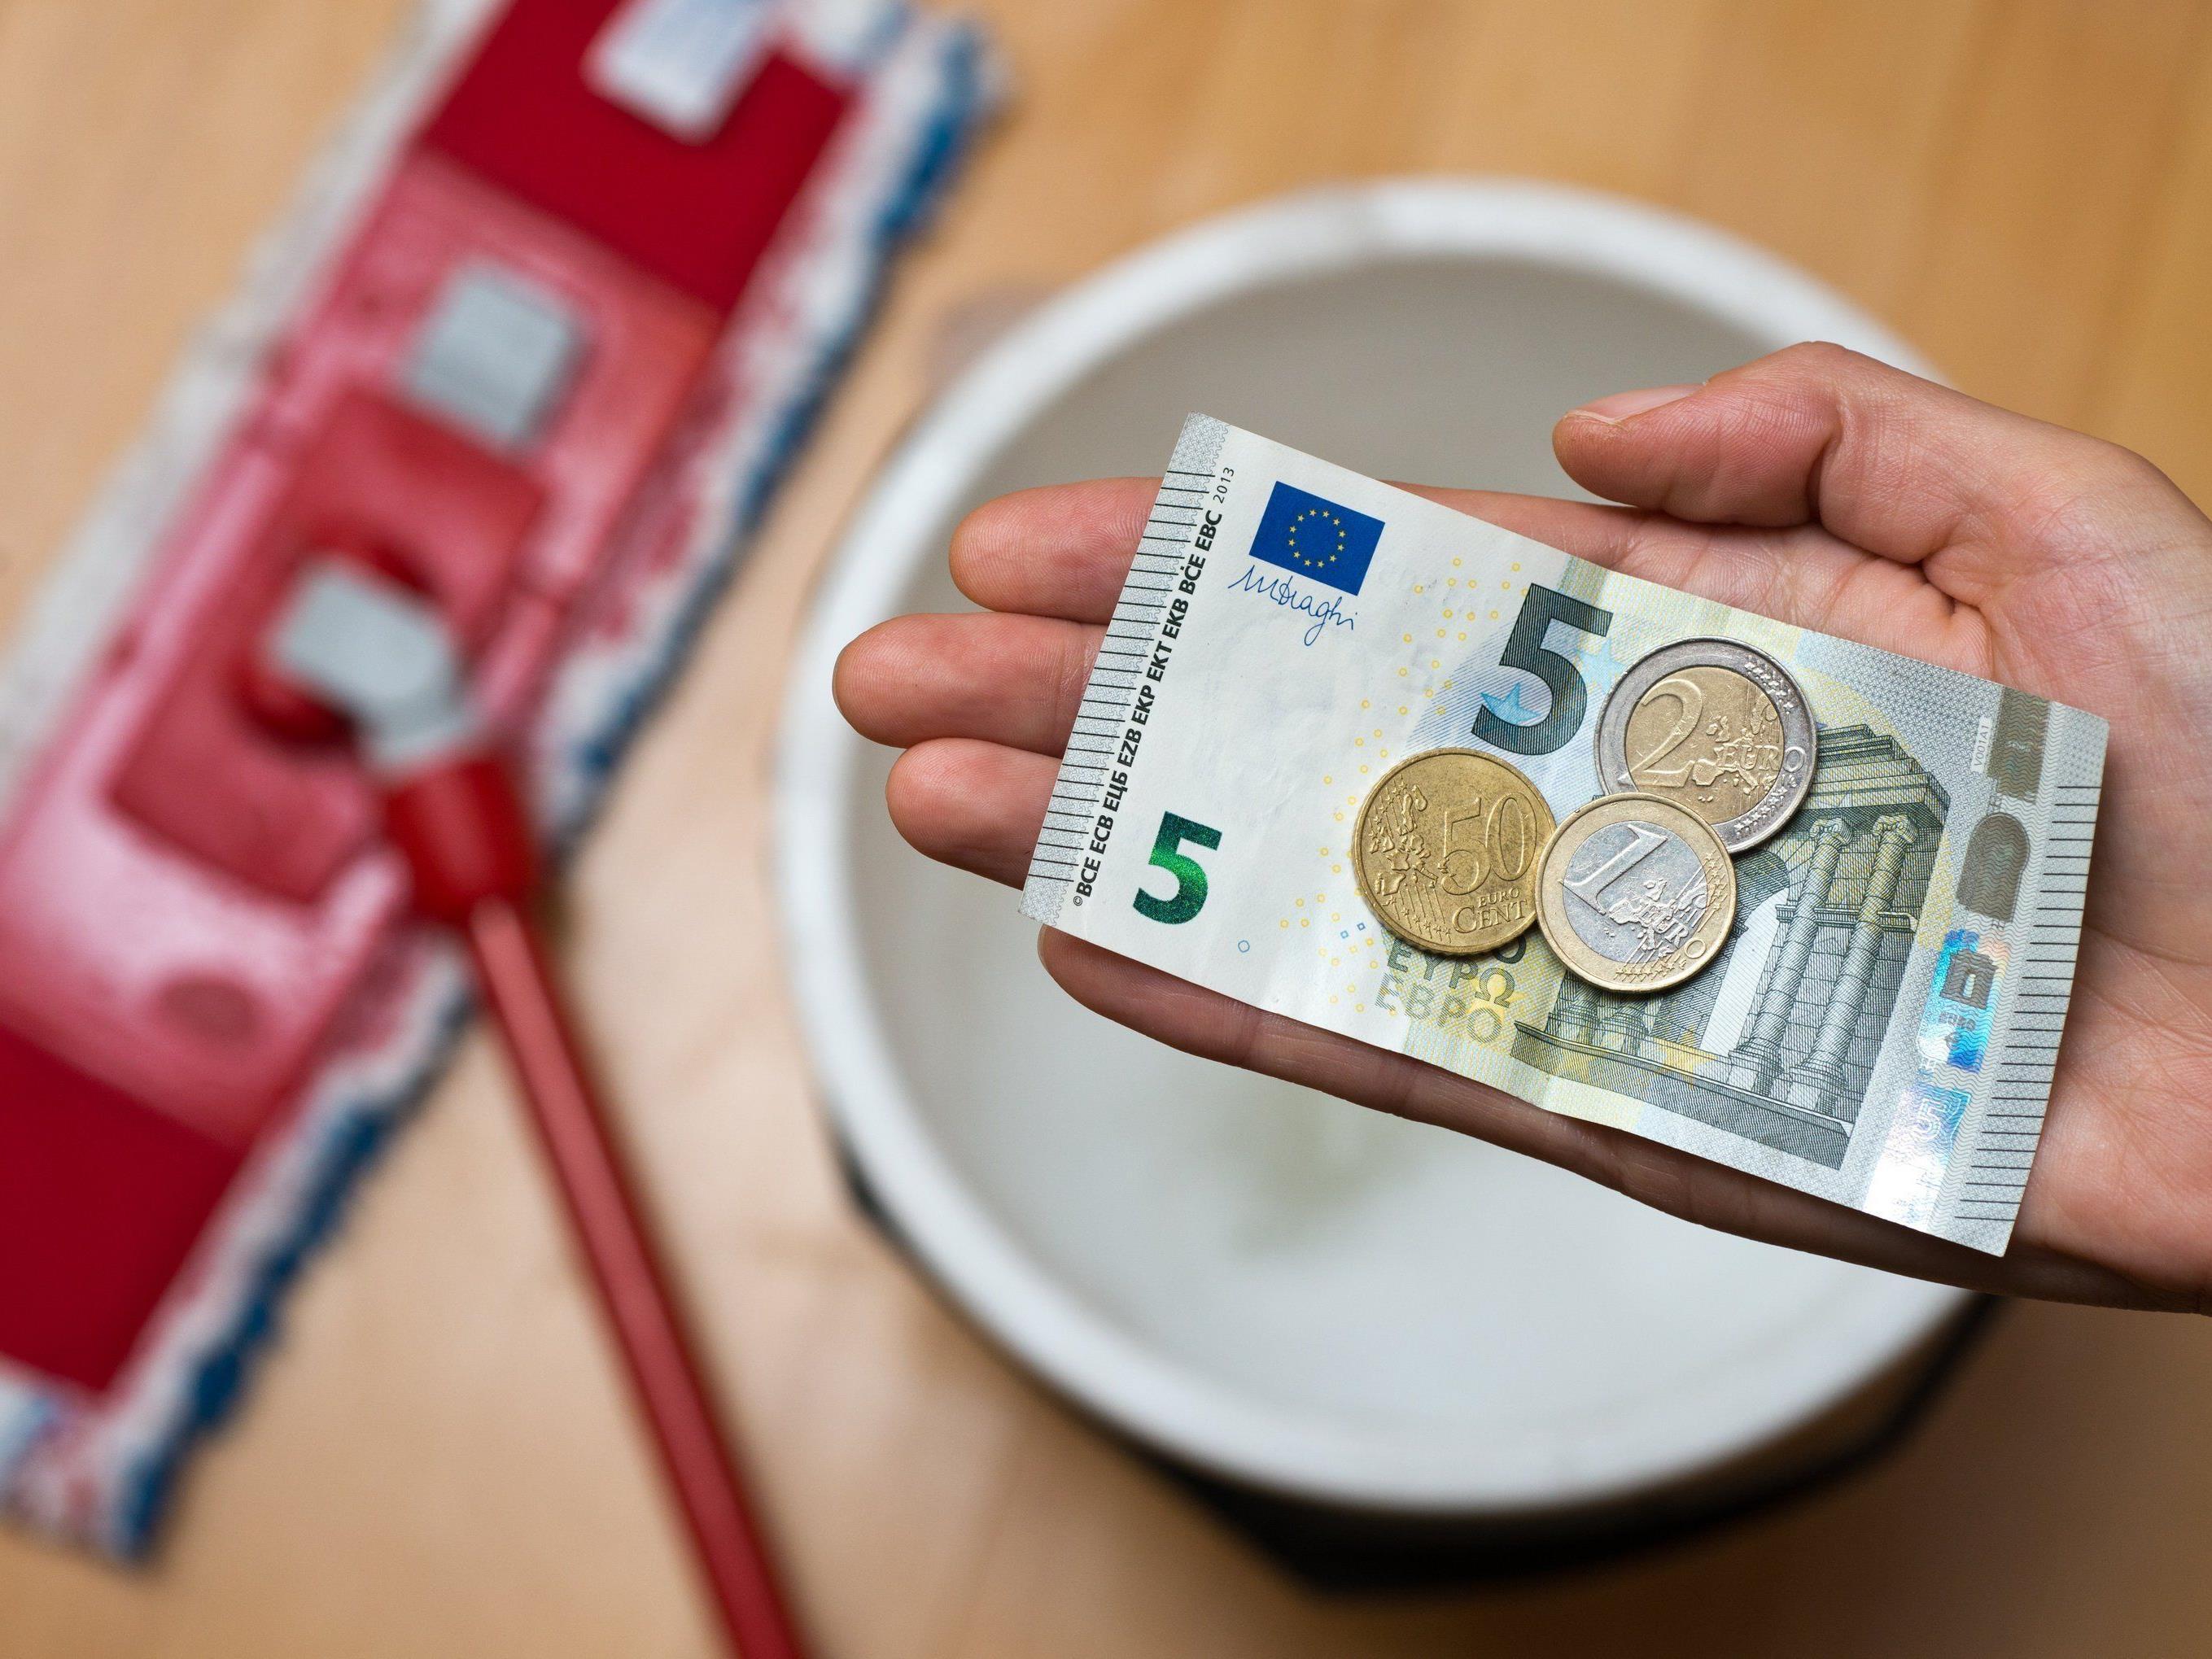 Ein Mindestlohn von 1.500 Euro brutto scheint nun auch für die Gewerkschaft tragbar zu sein.